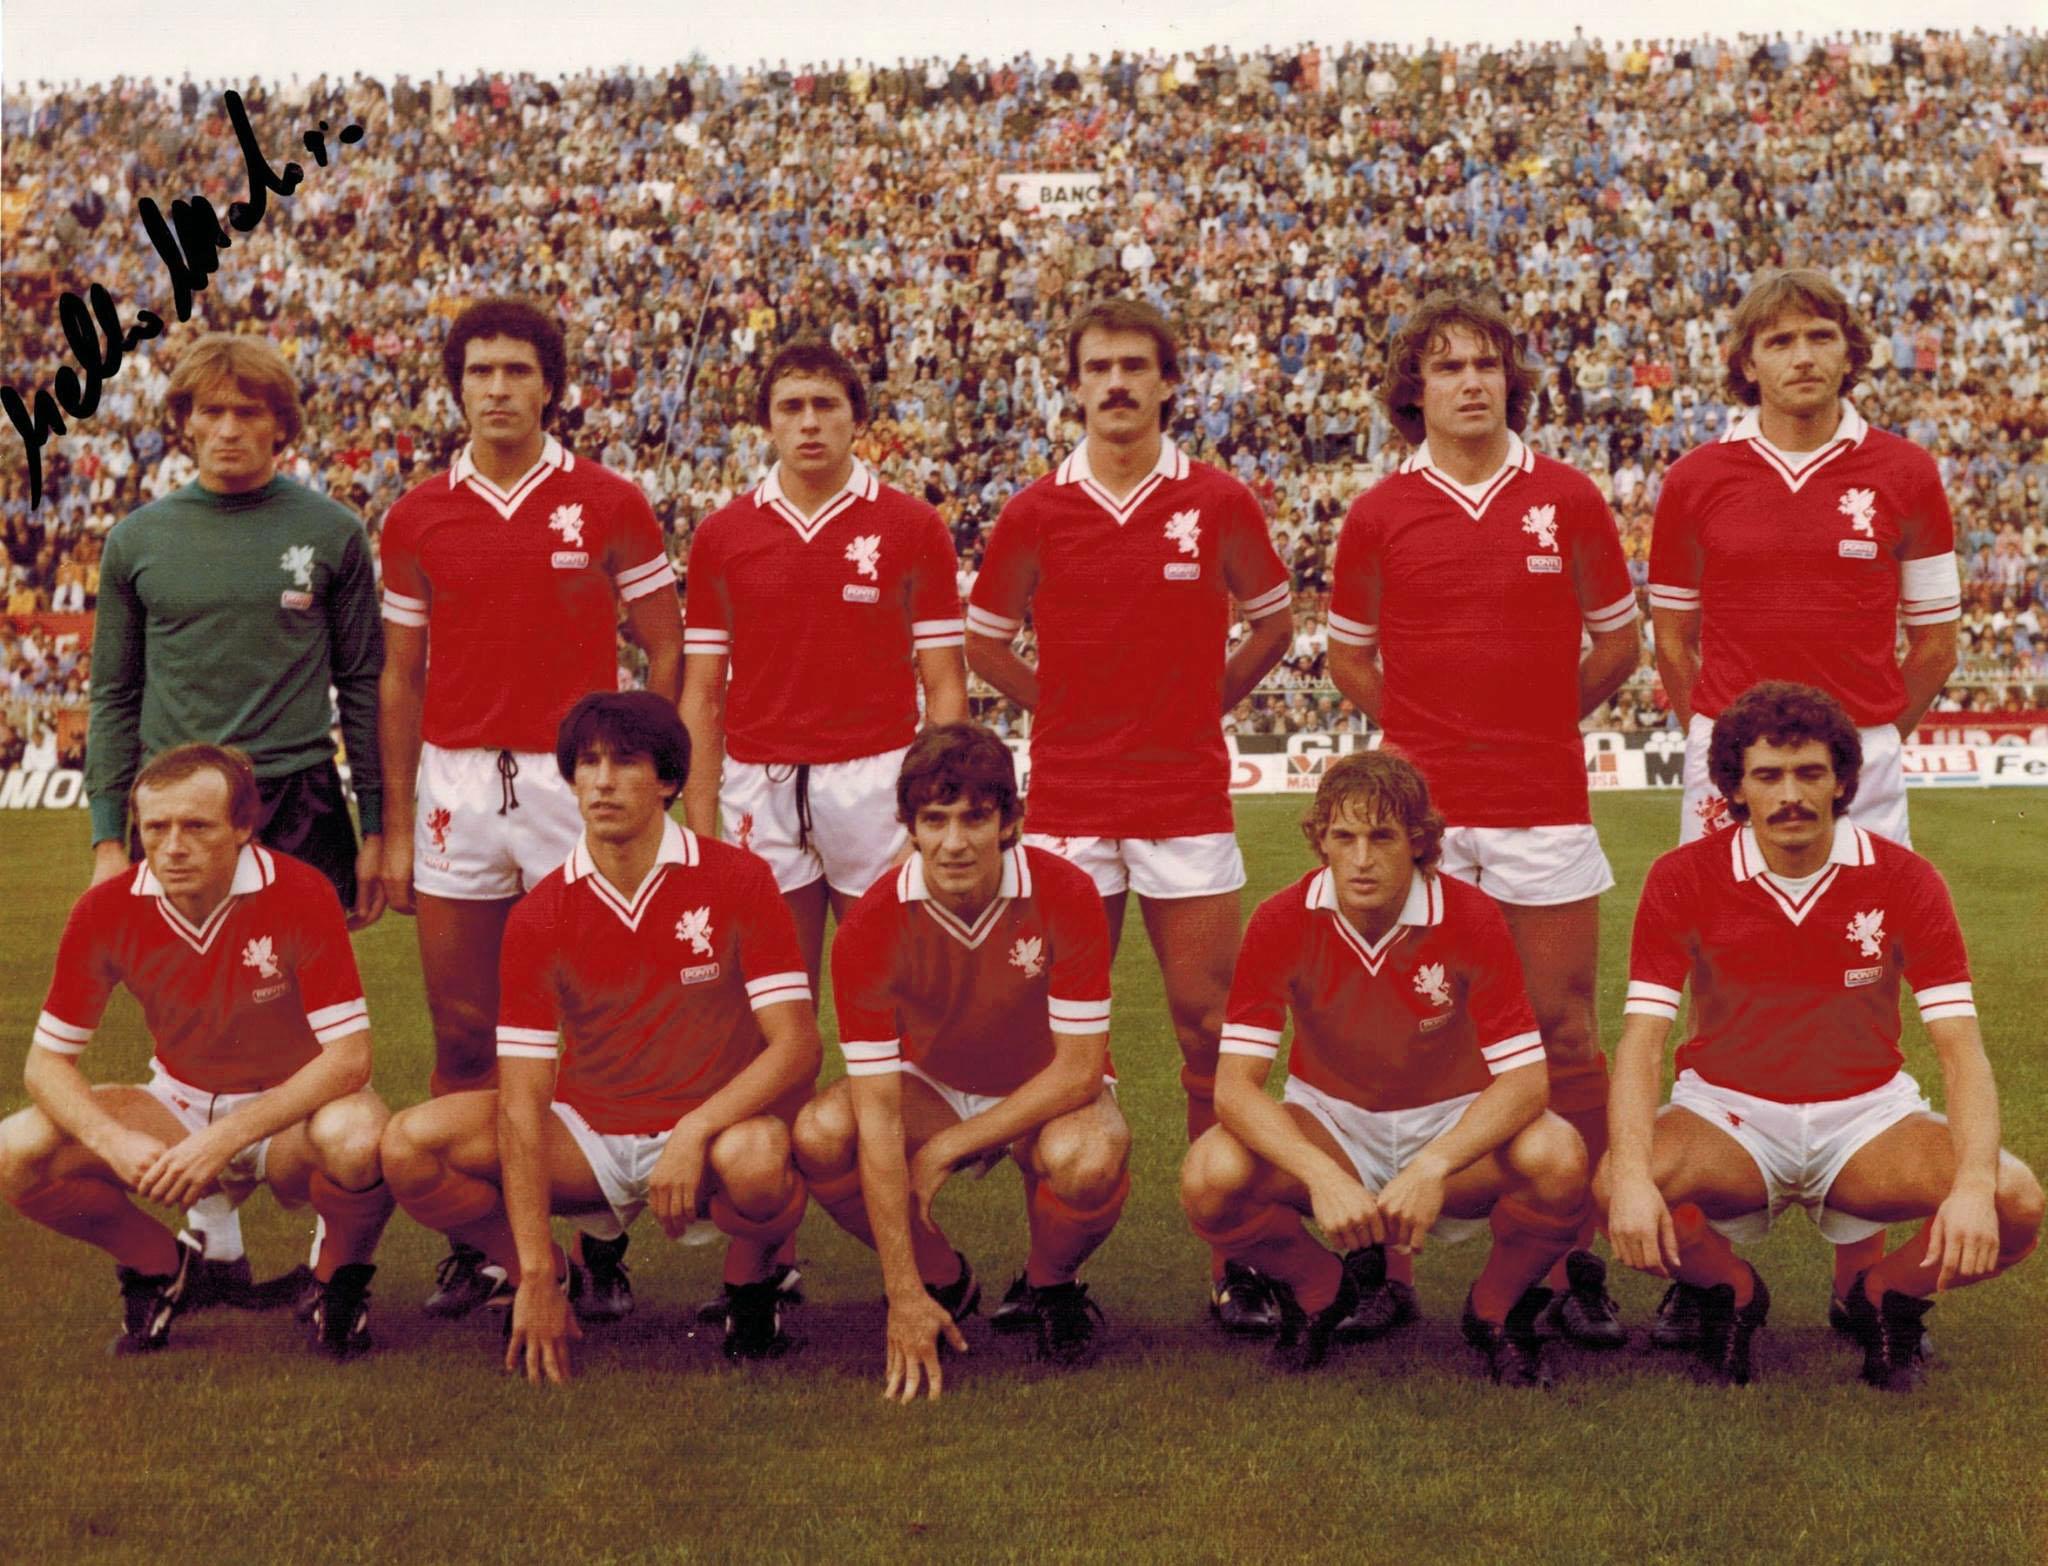 a7cfaa3ca La squadra perugina scesa in campo il 26 agosto 1979 per la sfida di Coppa  Italia contro la Roma, con indosso la prima maglia sponsorizzata del calcio  ...